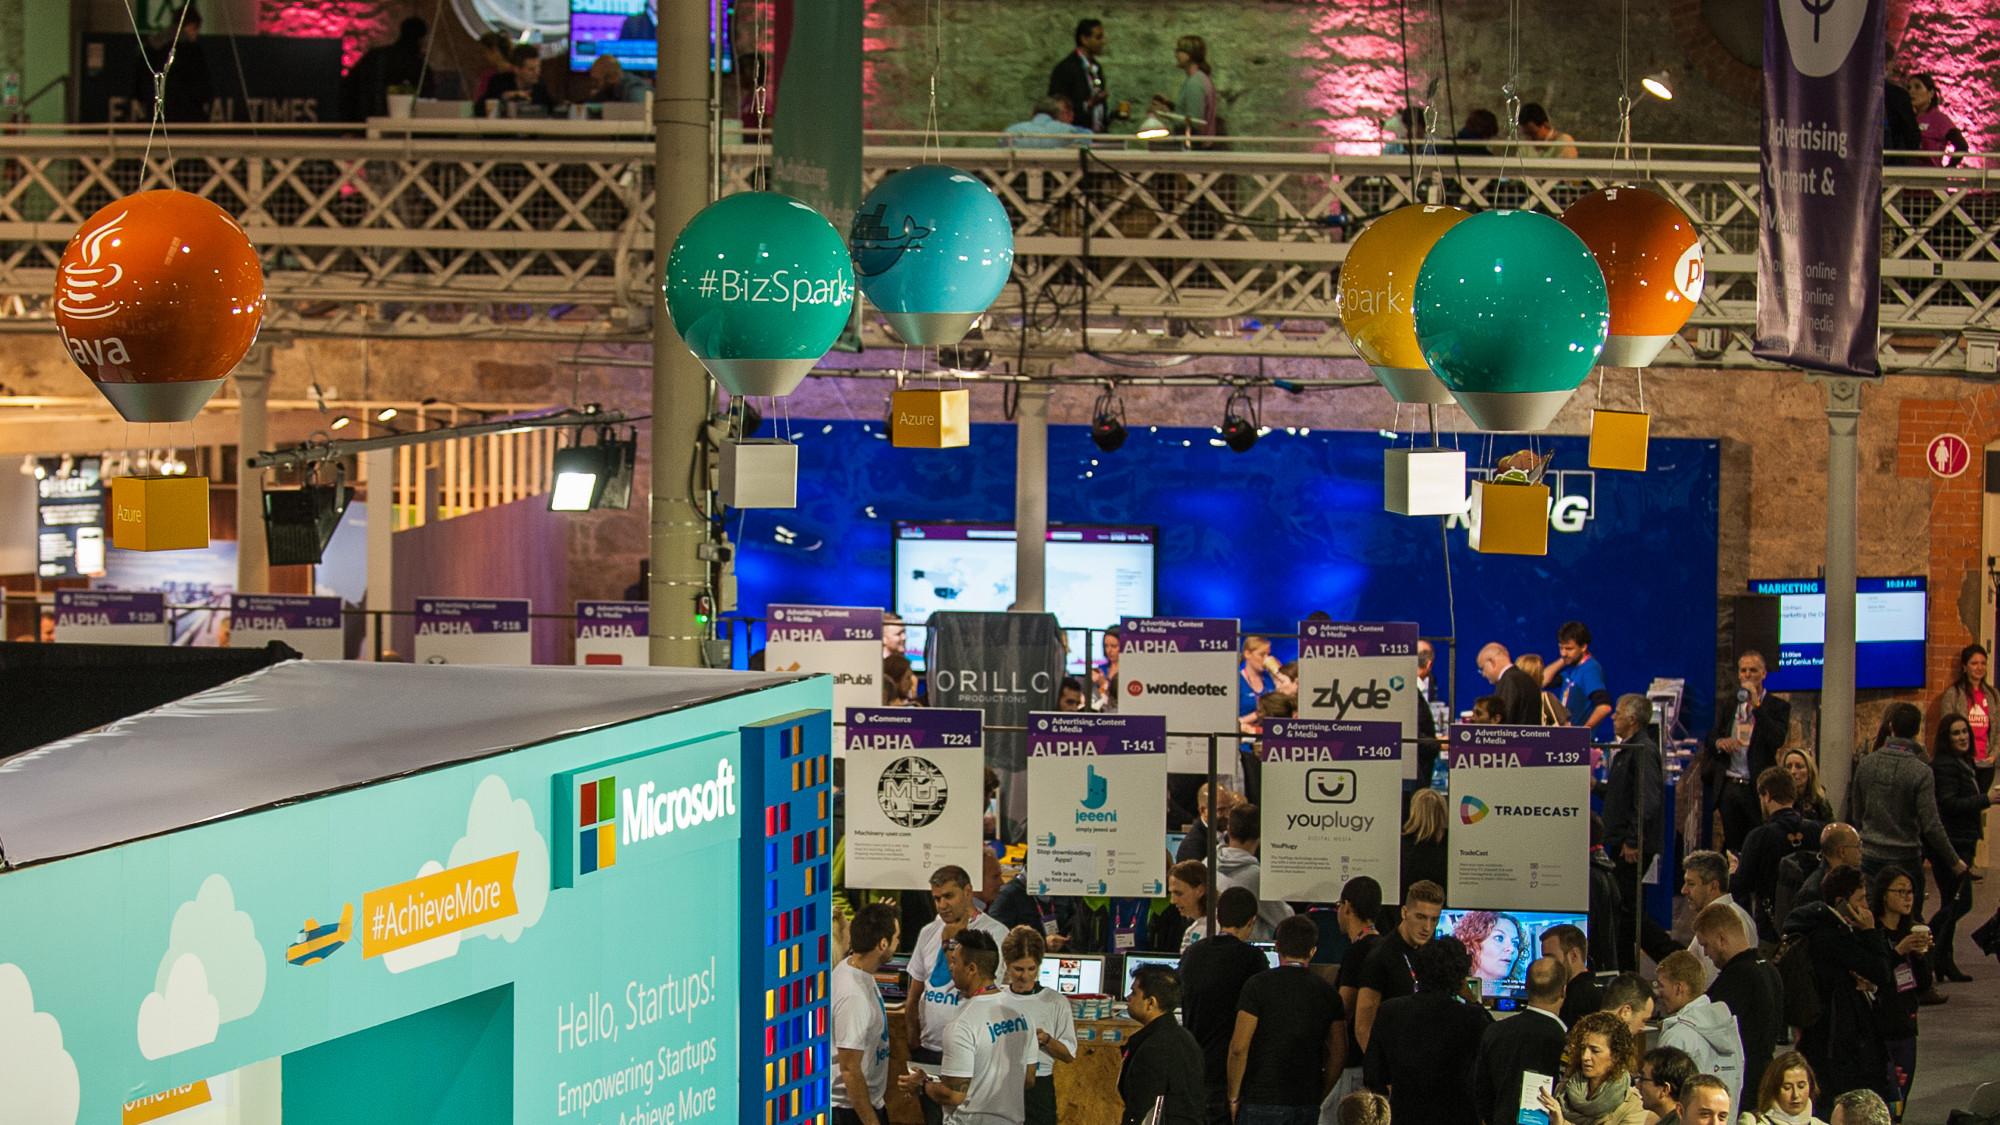 Giant-Hot-Air-Baloons-at-Web-Summit